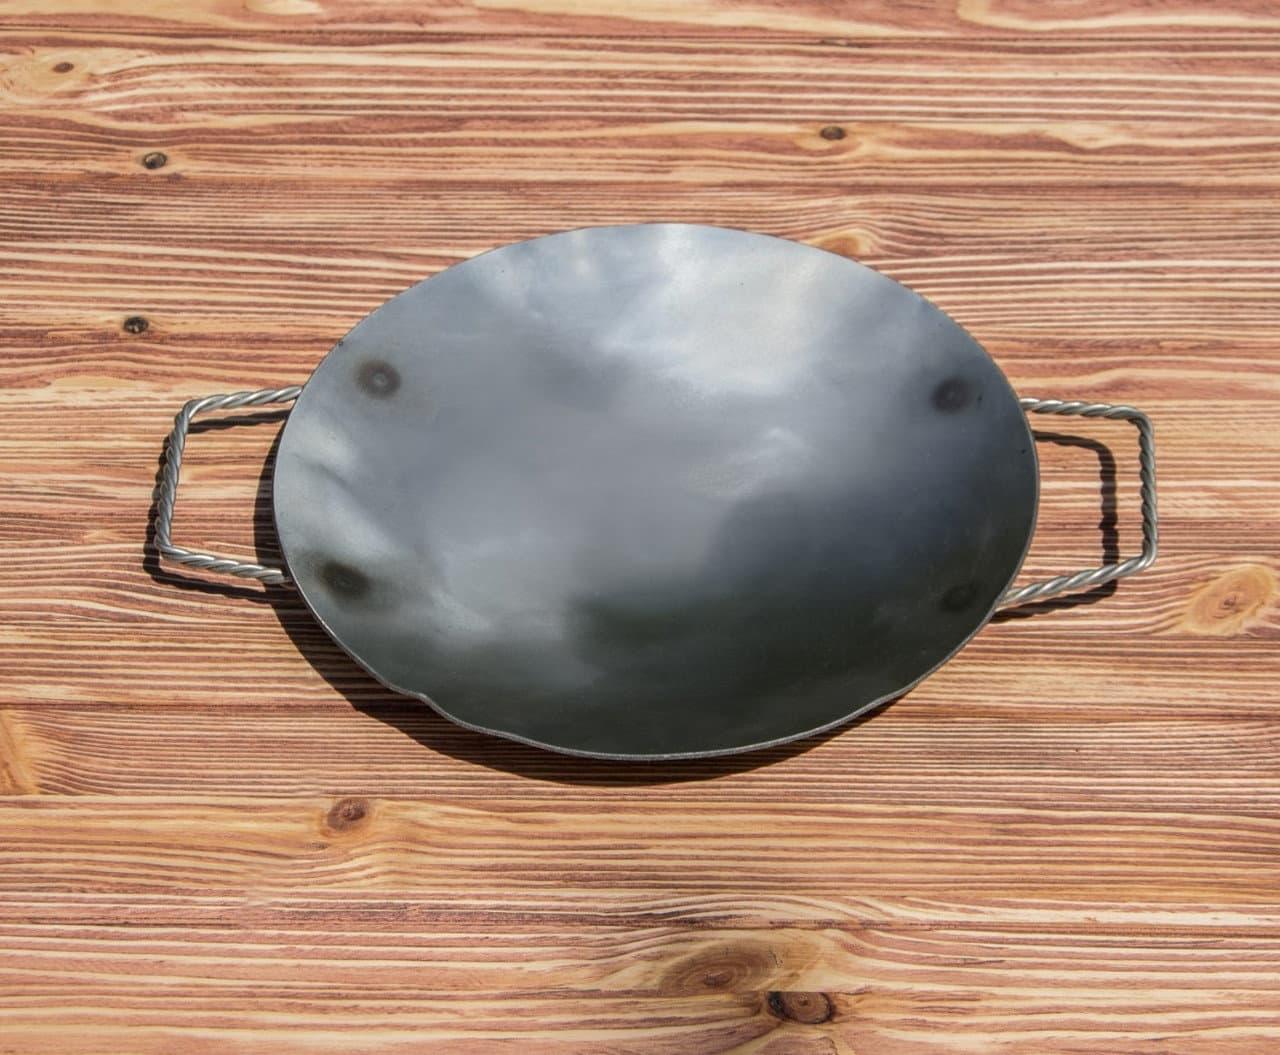 Садж сковорода без подставки, нержавеющая сталь, 29 см. - фото 8460